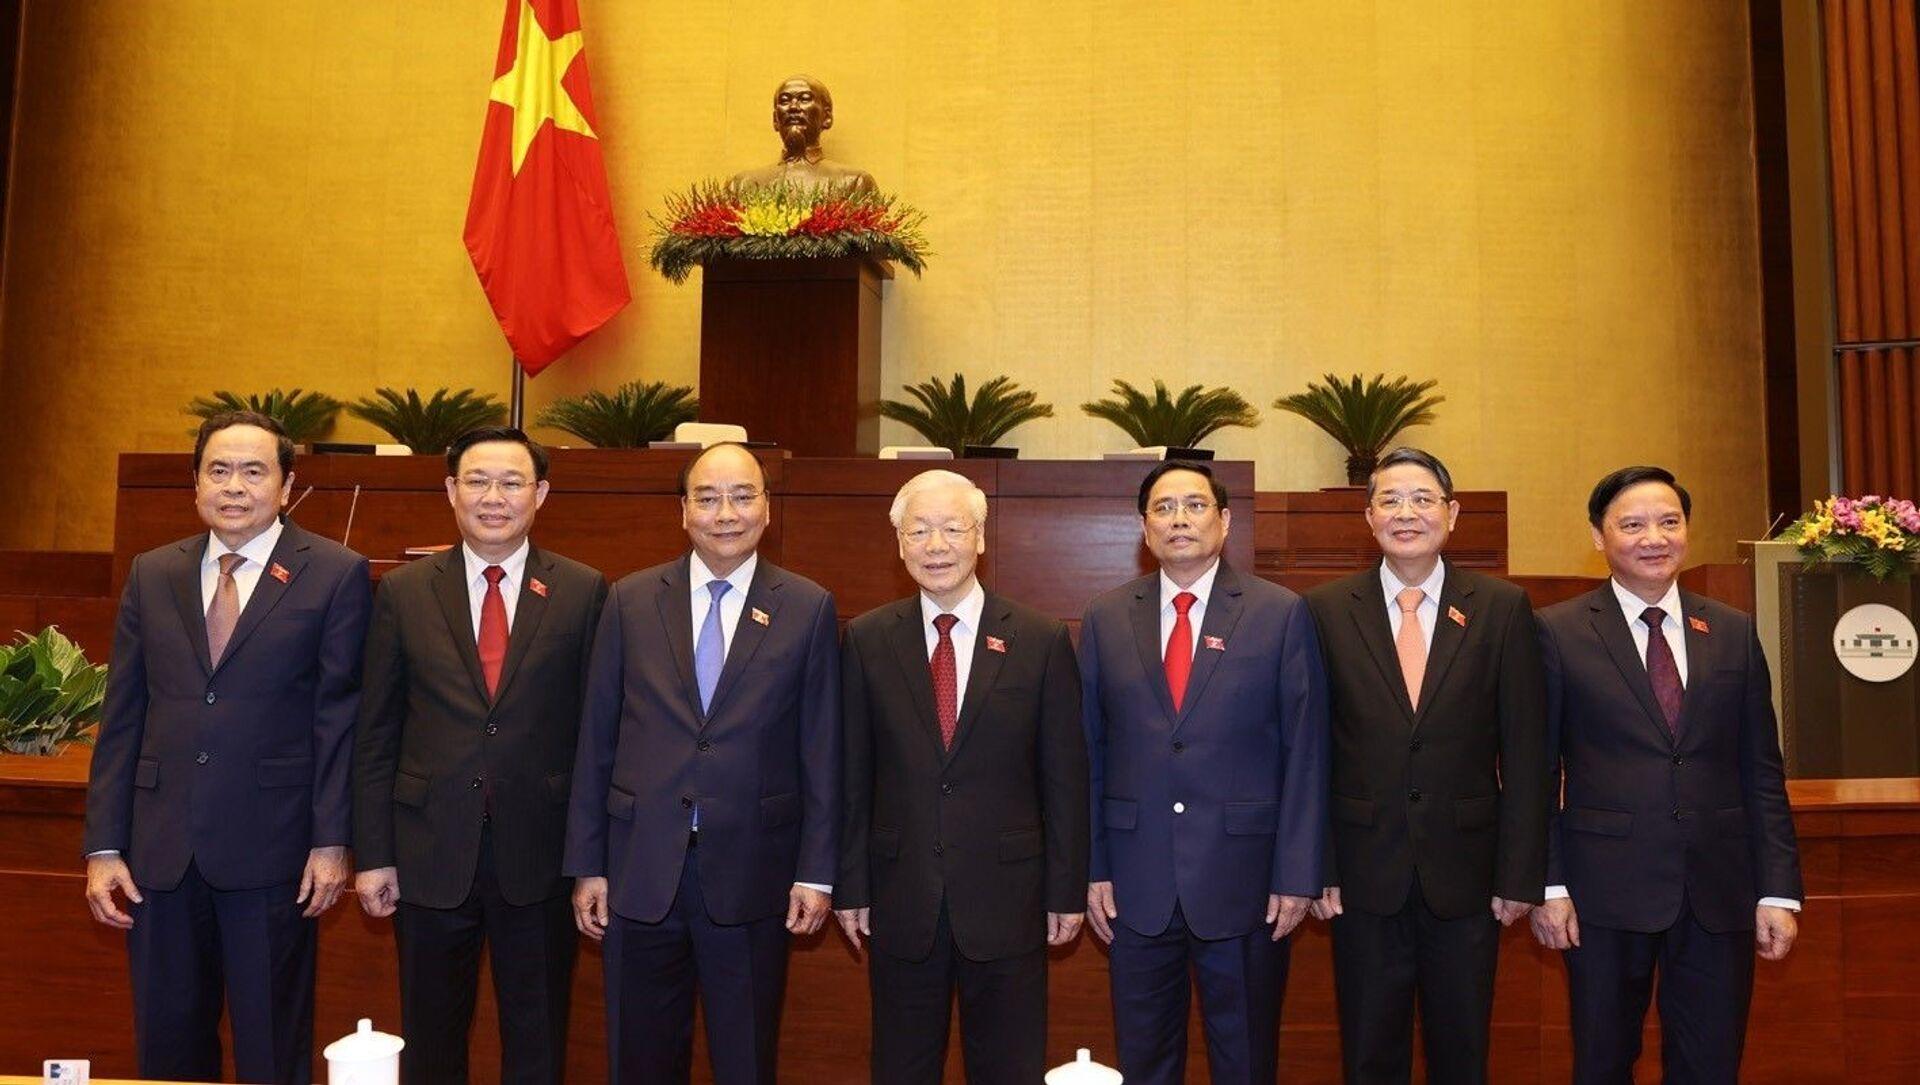 Các đồng chí lãnh đạo Đảng, Nhà nước tại phiên họp. - Sputnik Việt Nam, 1920, 28.04.2021